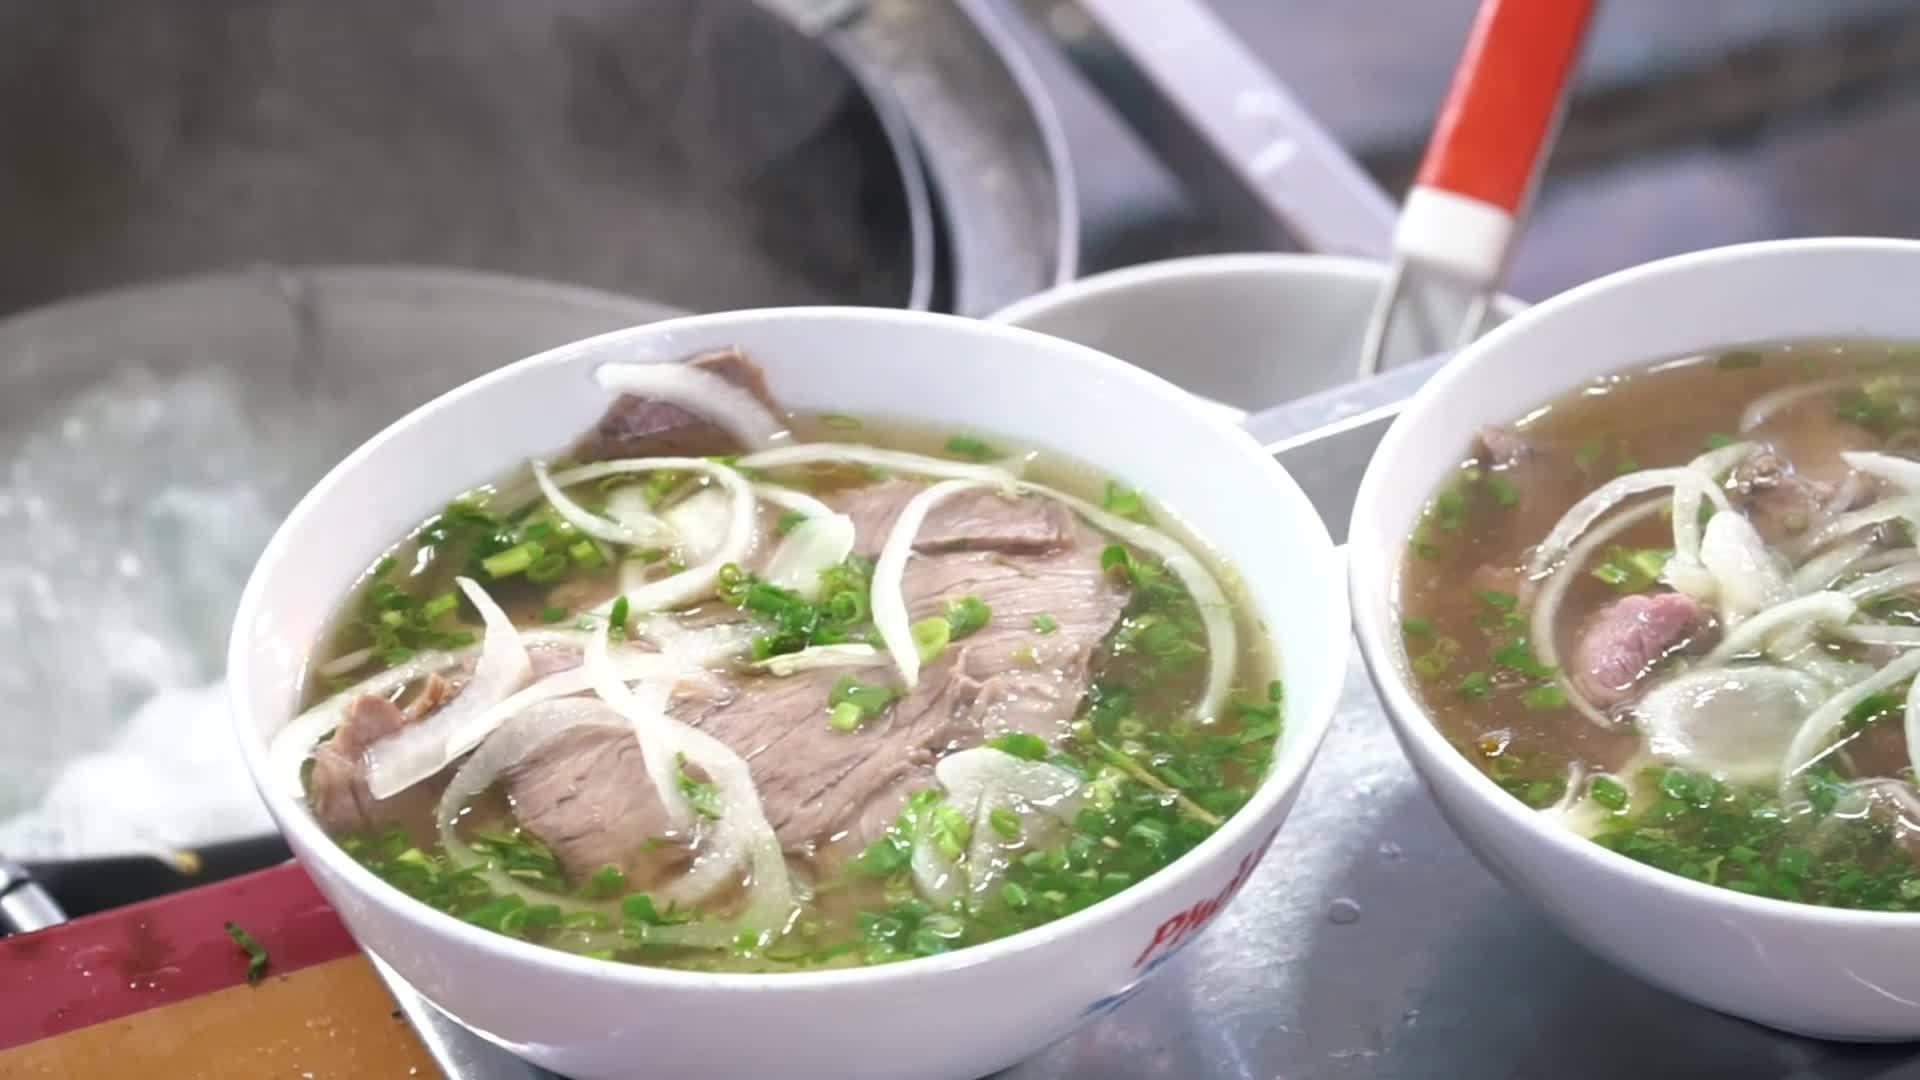 Phở Việt Nam đứng đầu danh sách các món mì ngon nhất châu Á